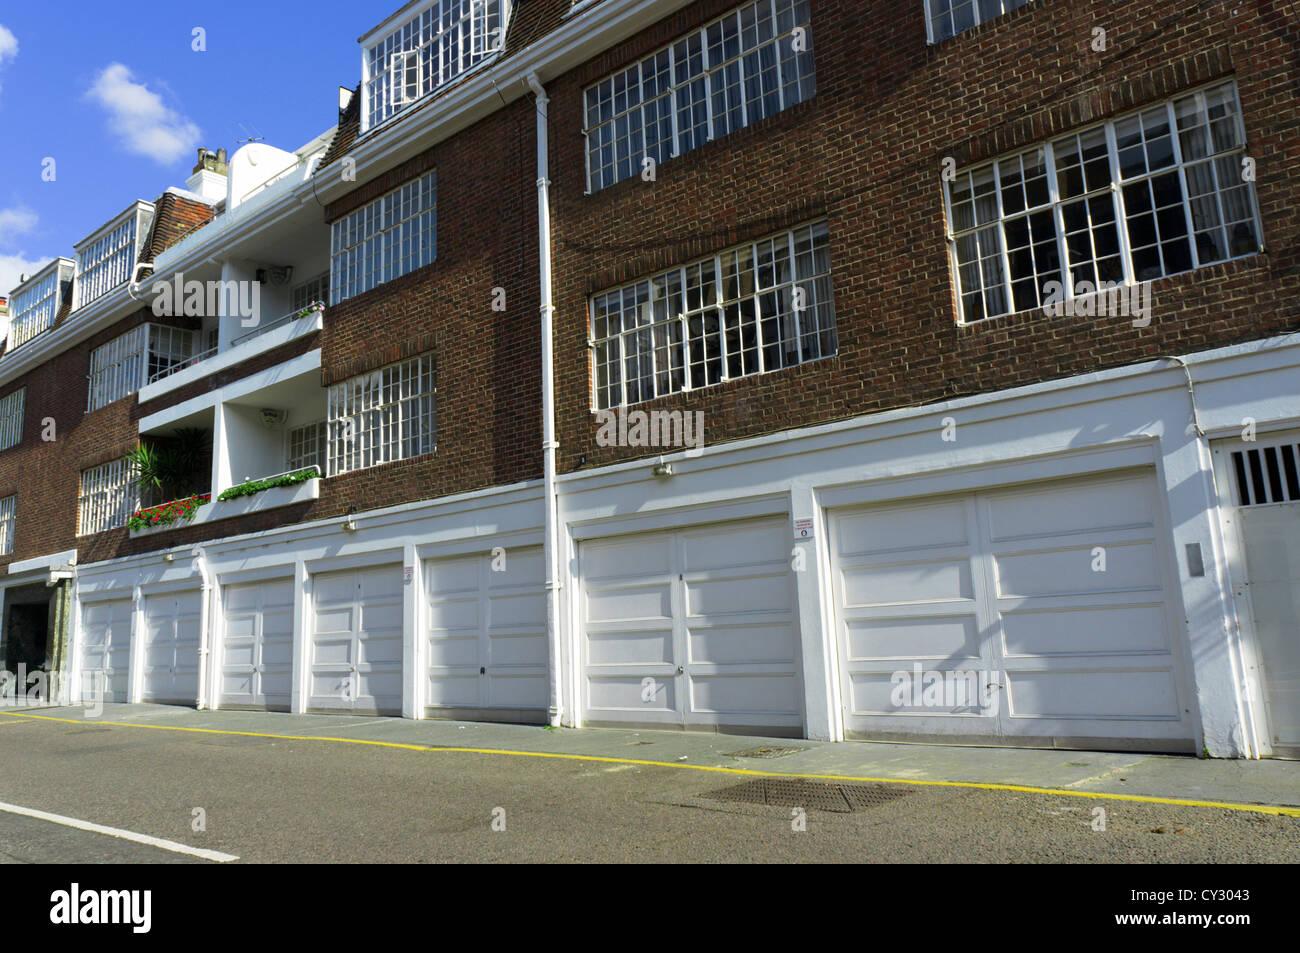 Casas con garajes integrados en el Cadogan Lane, Belgravia, en Londres. Foto de stock